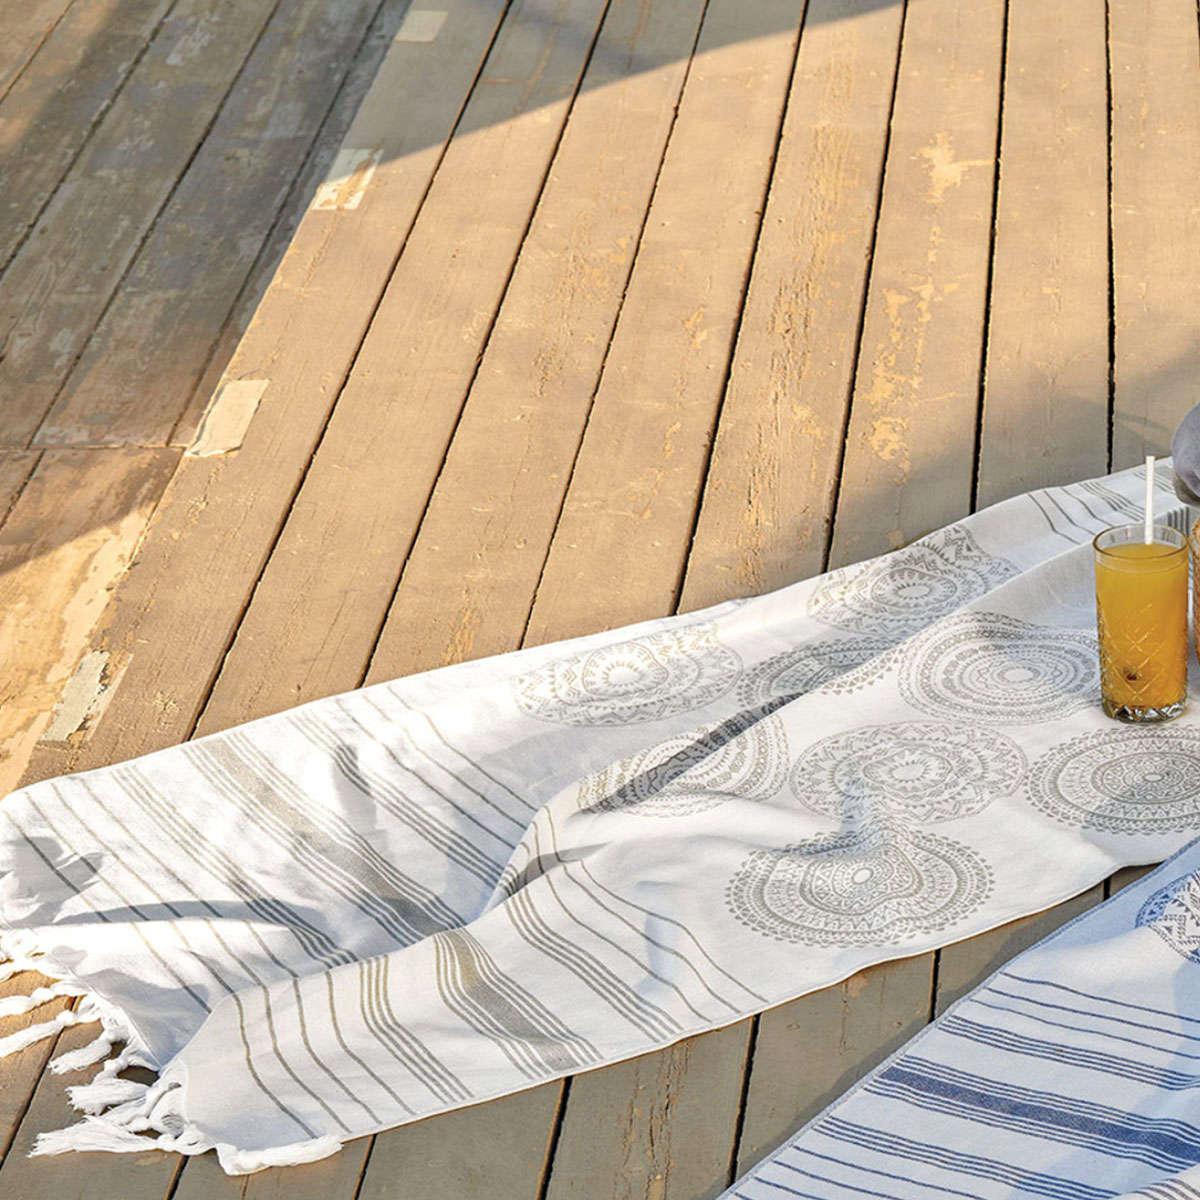 Πετσέτα Θαλάσσης – Παρεό Syros 22 Grey Kentia Θαλάσσης 90x180cm